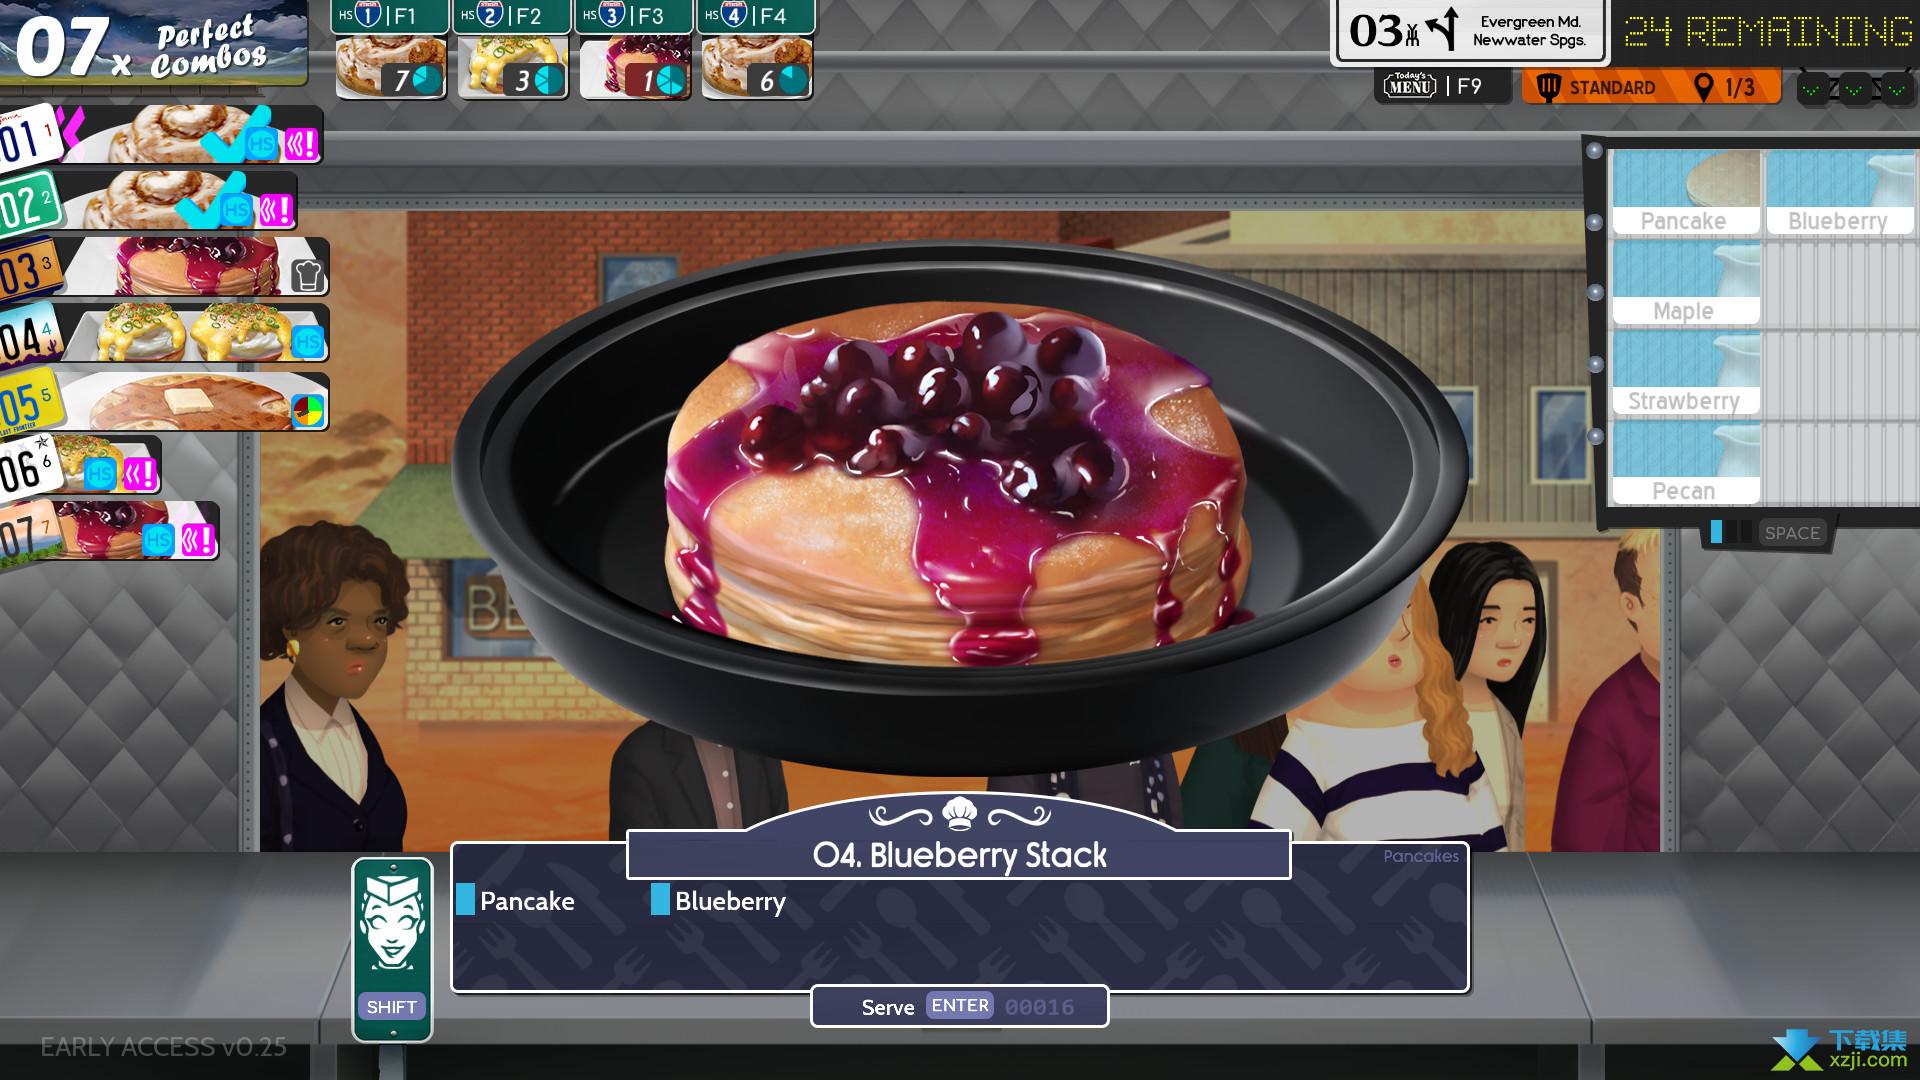 烹调上菜美味3界面1